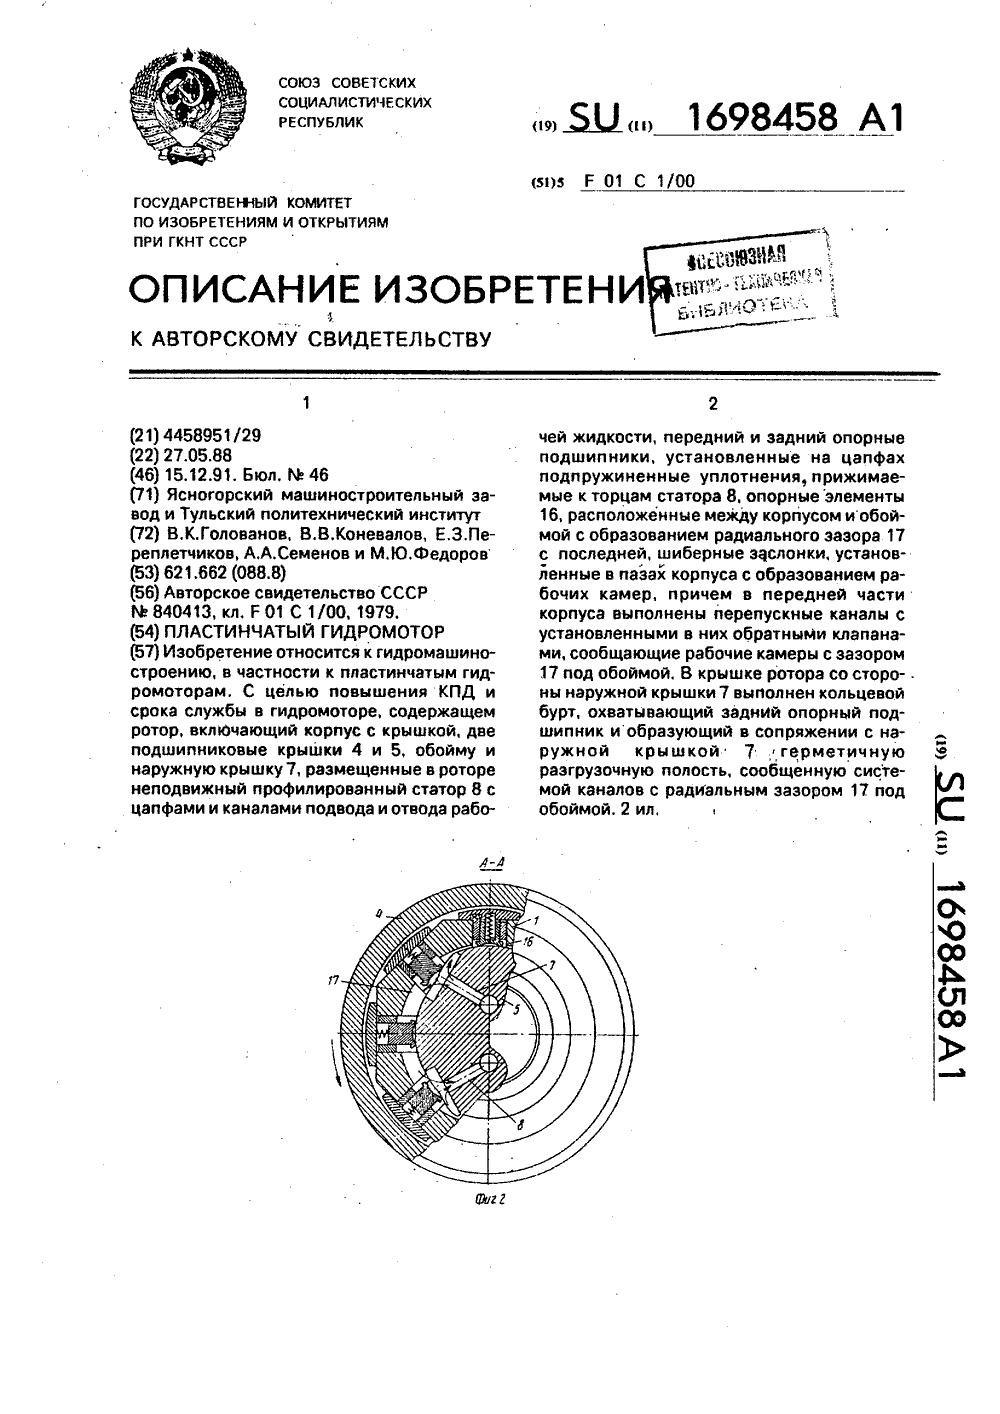 пластинчатый гидромотор схема